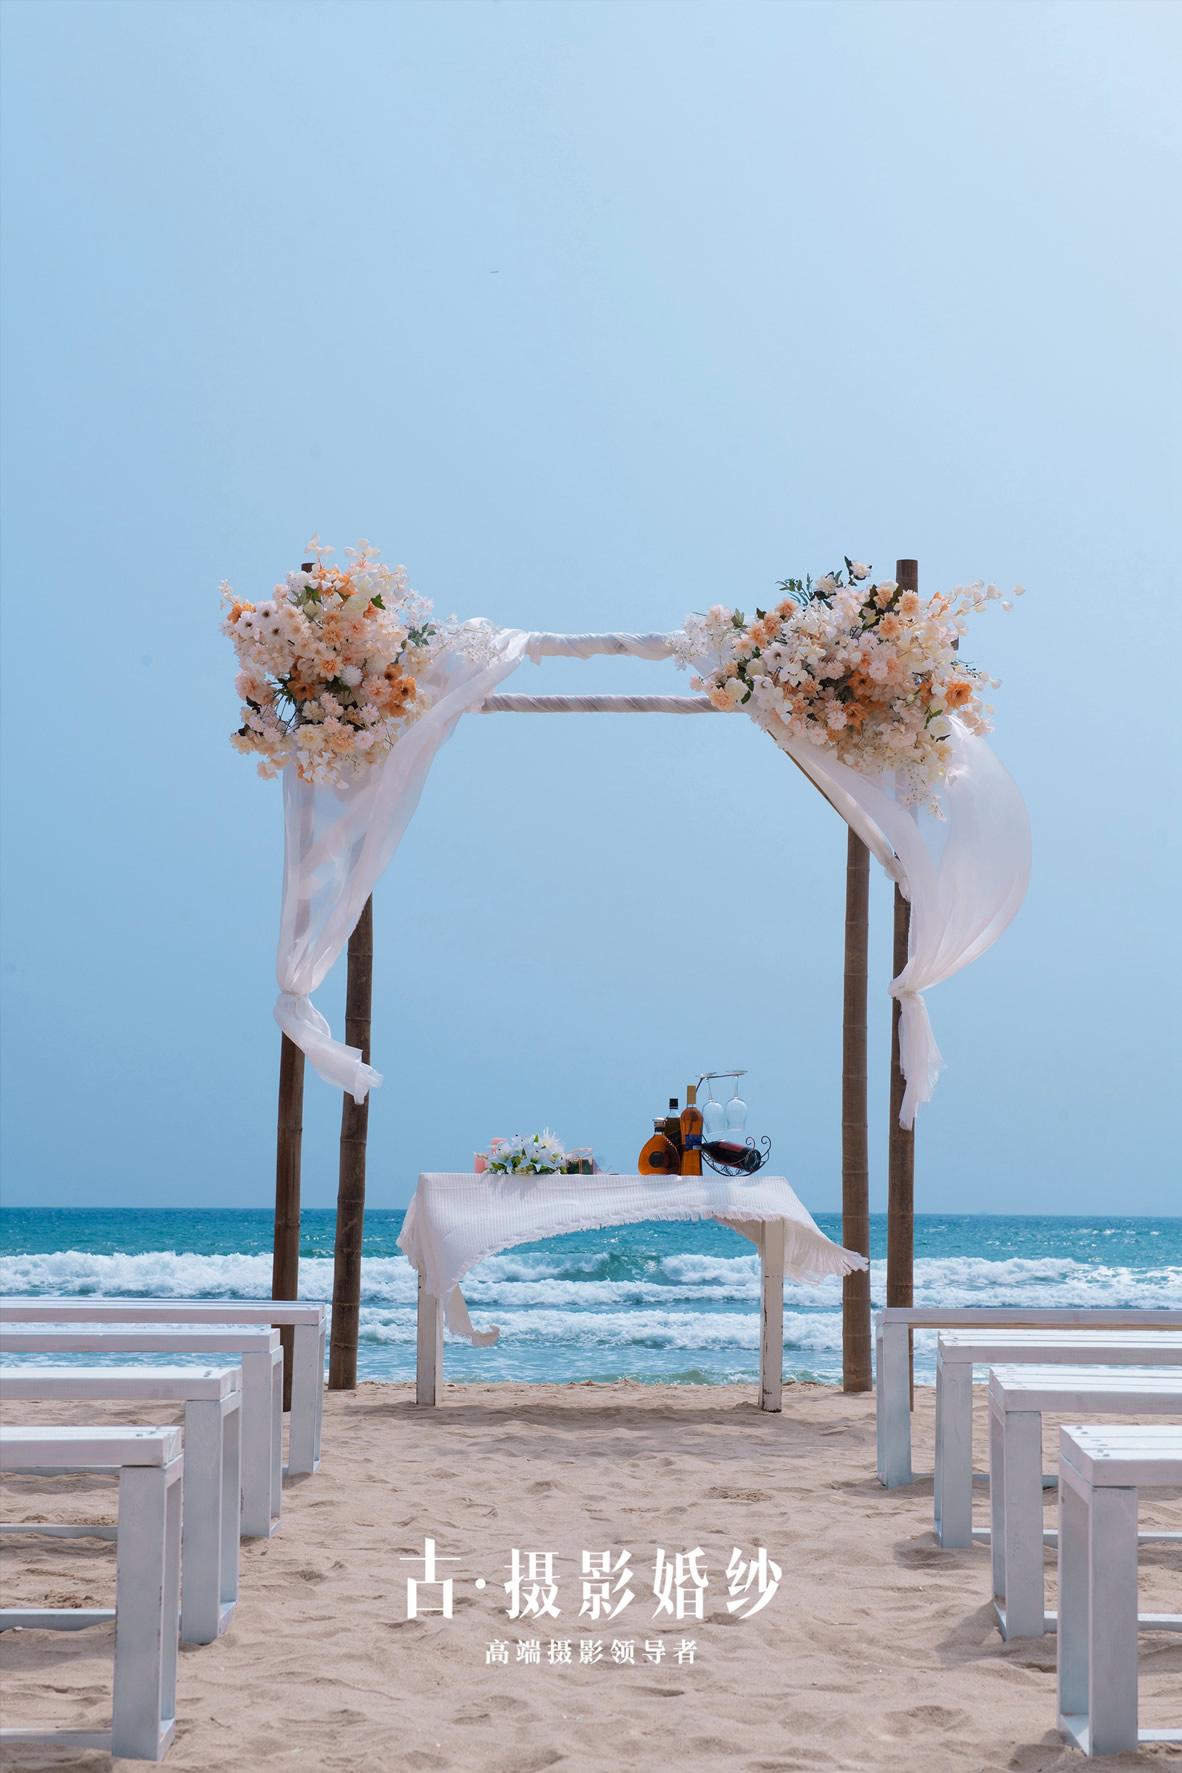 上川岛《海洋礼赞》 - 拍摄地 - 广州婚纱摄影-广州古摄影官网